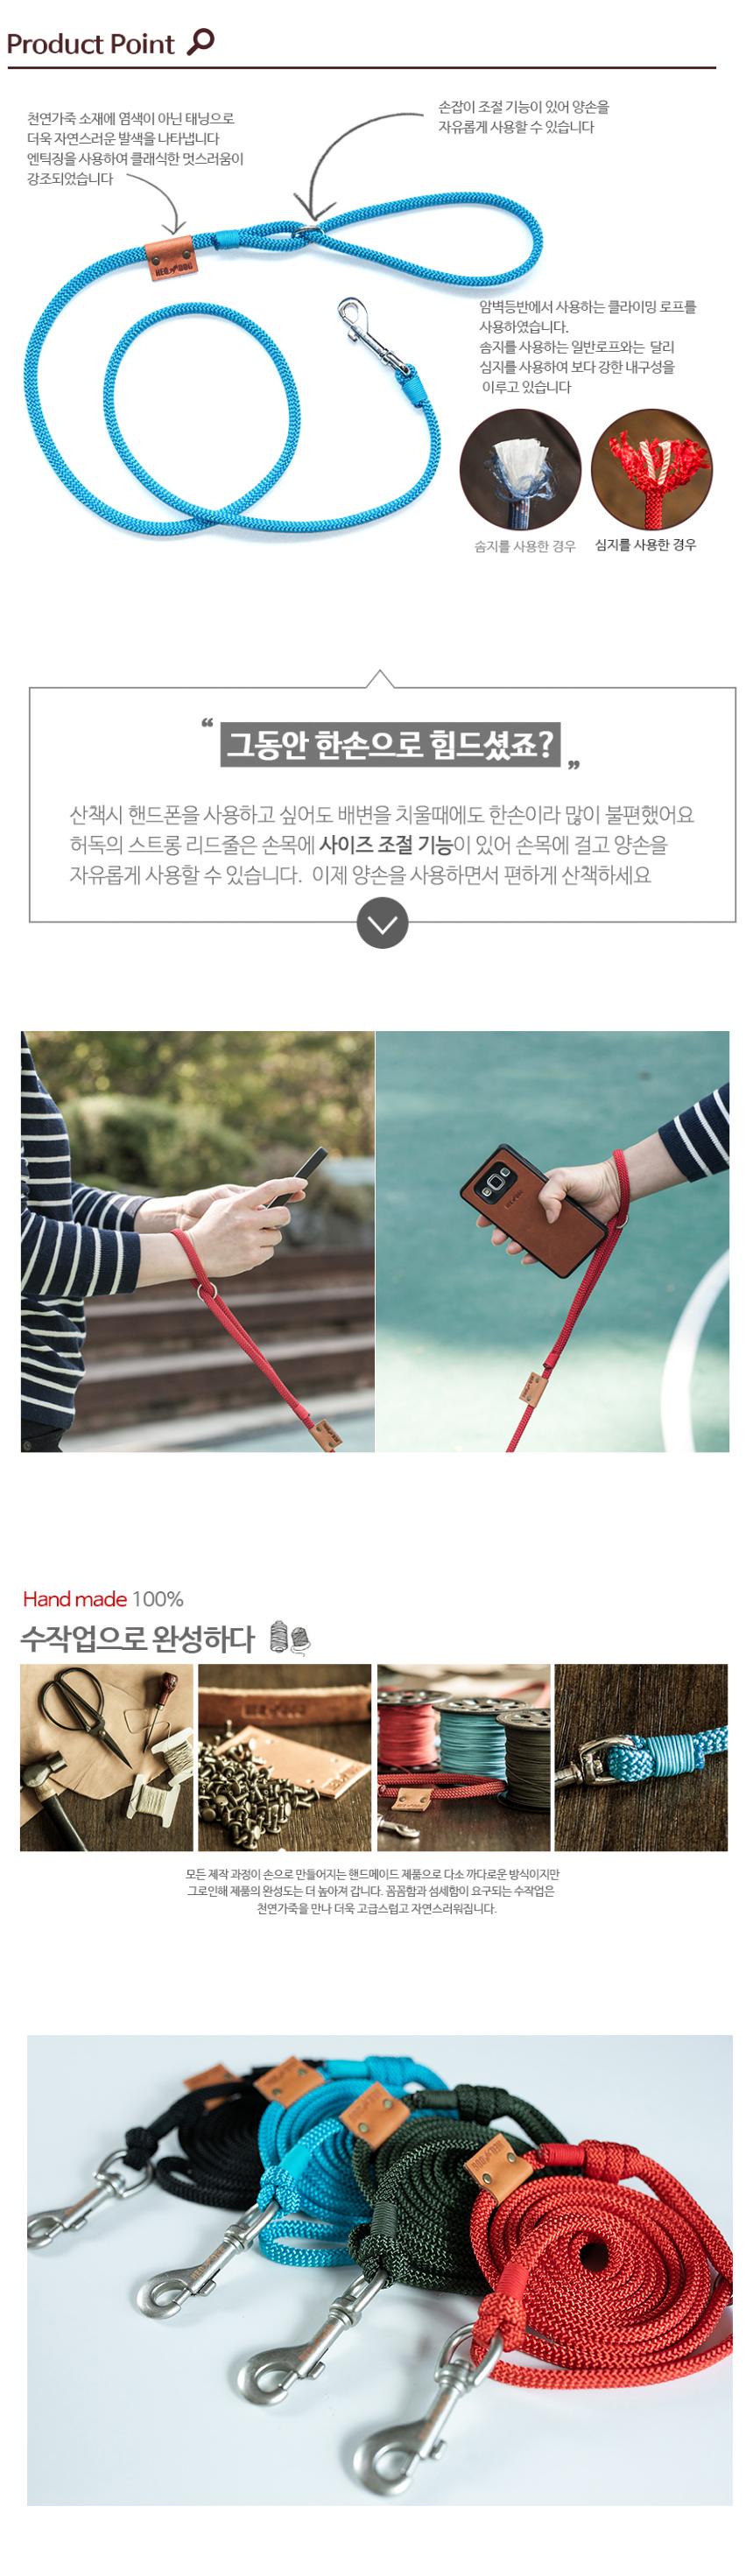 스트롱 강아지 리드줄 소형견 중형견 - 허독, 19,800원, 이동장/리드줄/야외용품, 리드줄